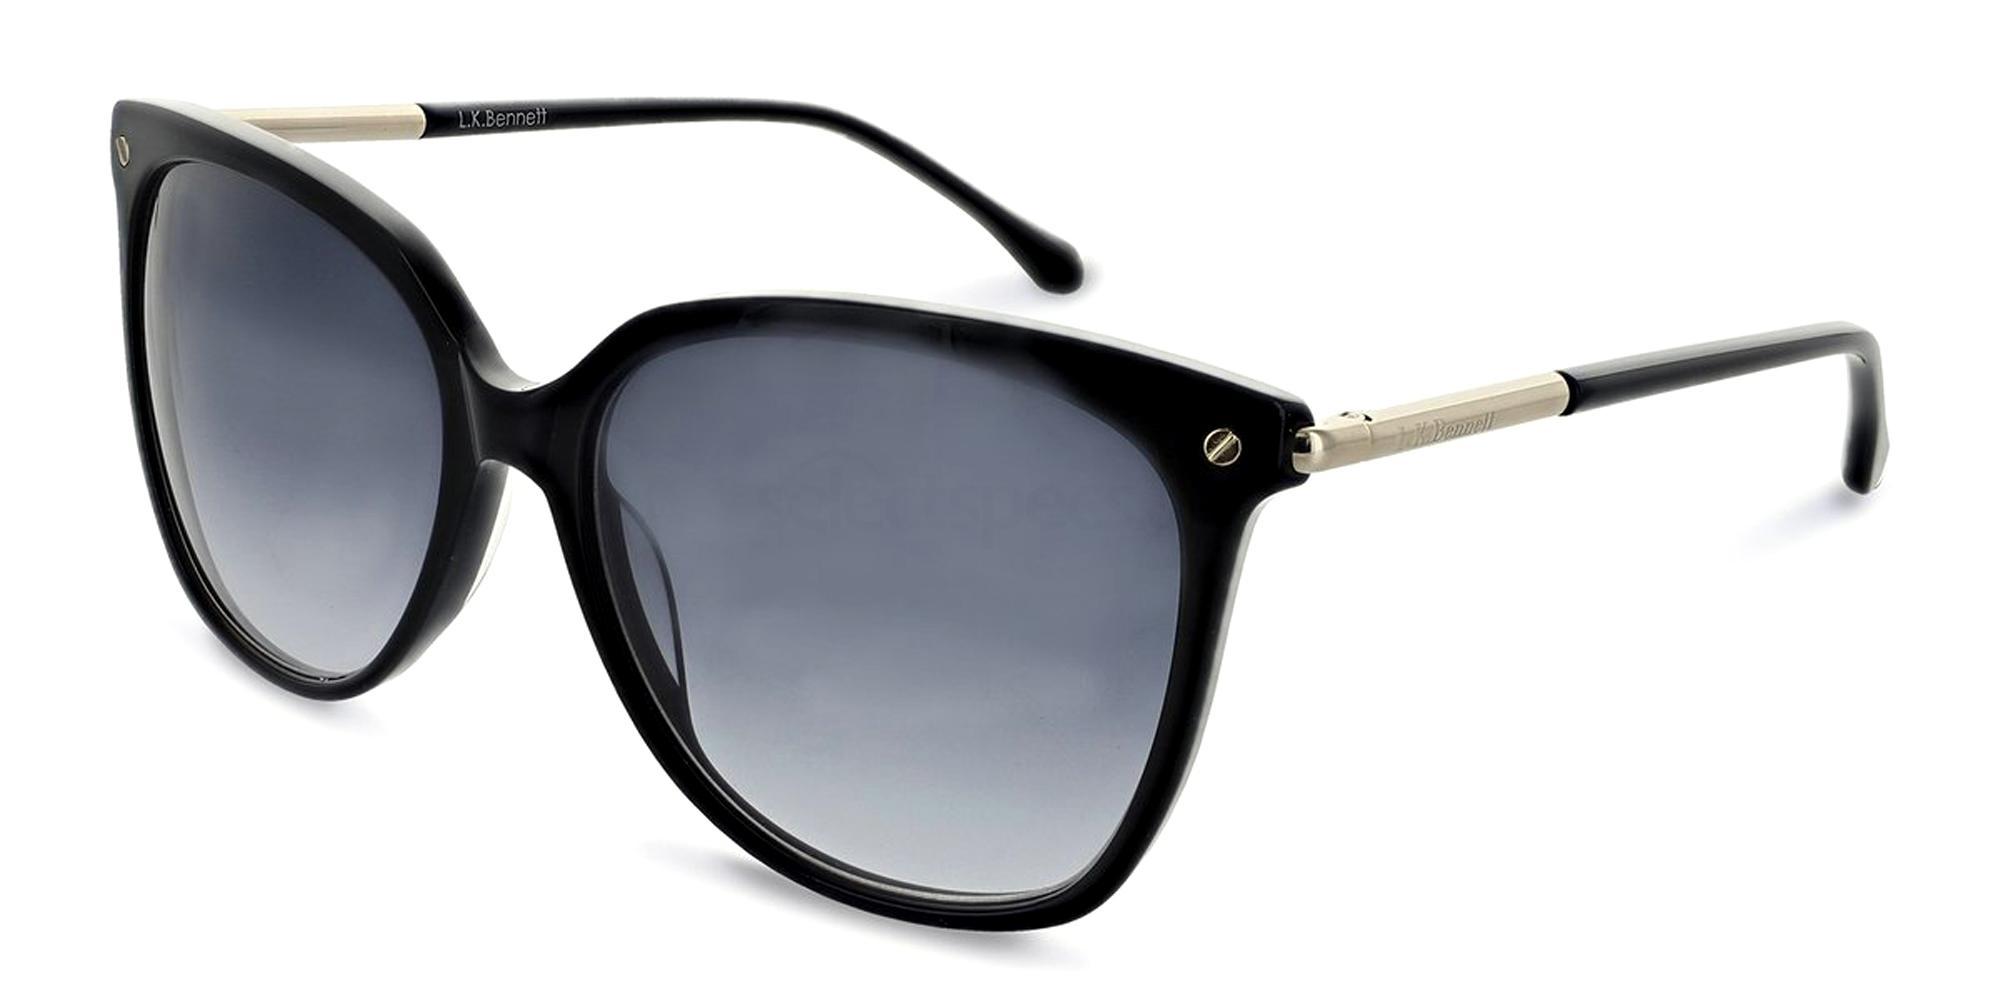 C4 LKBSUN01 Sunglasses, L.K.Bennett